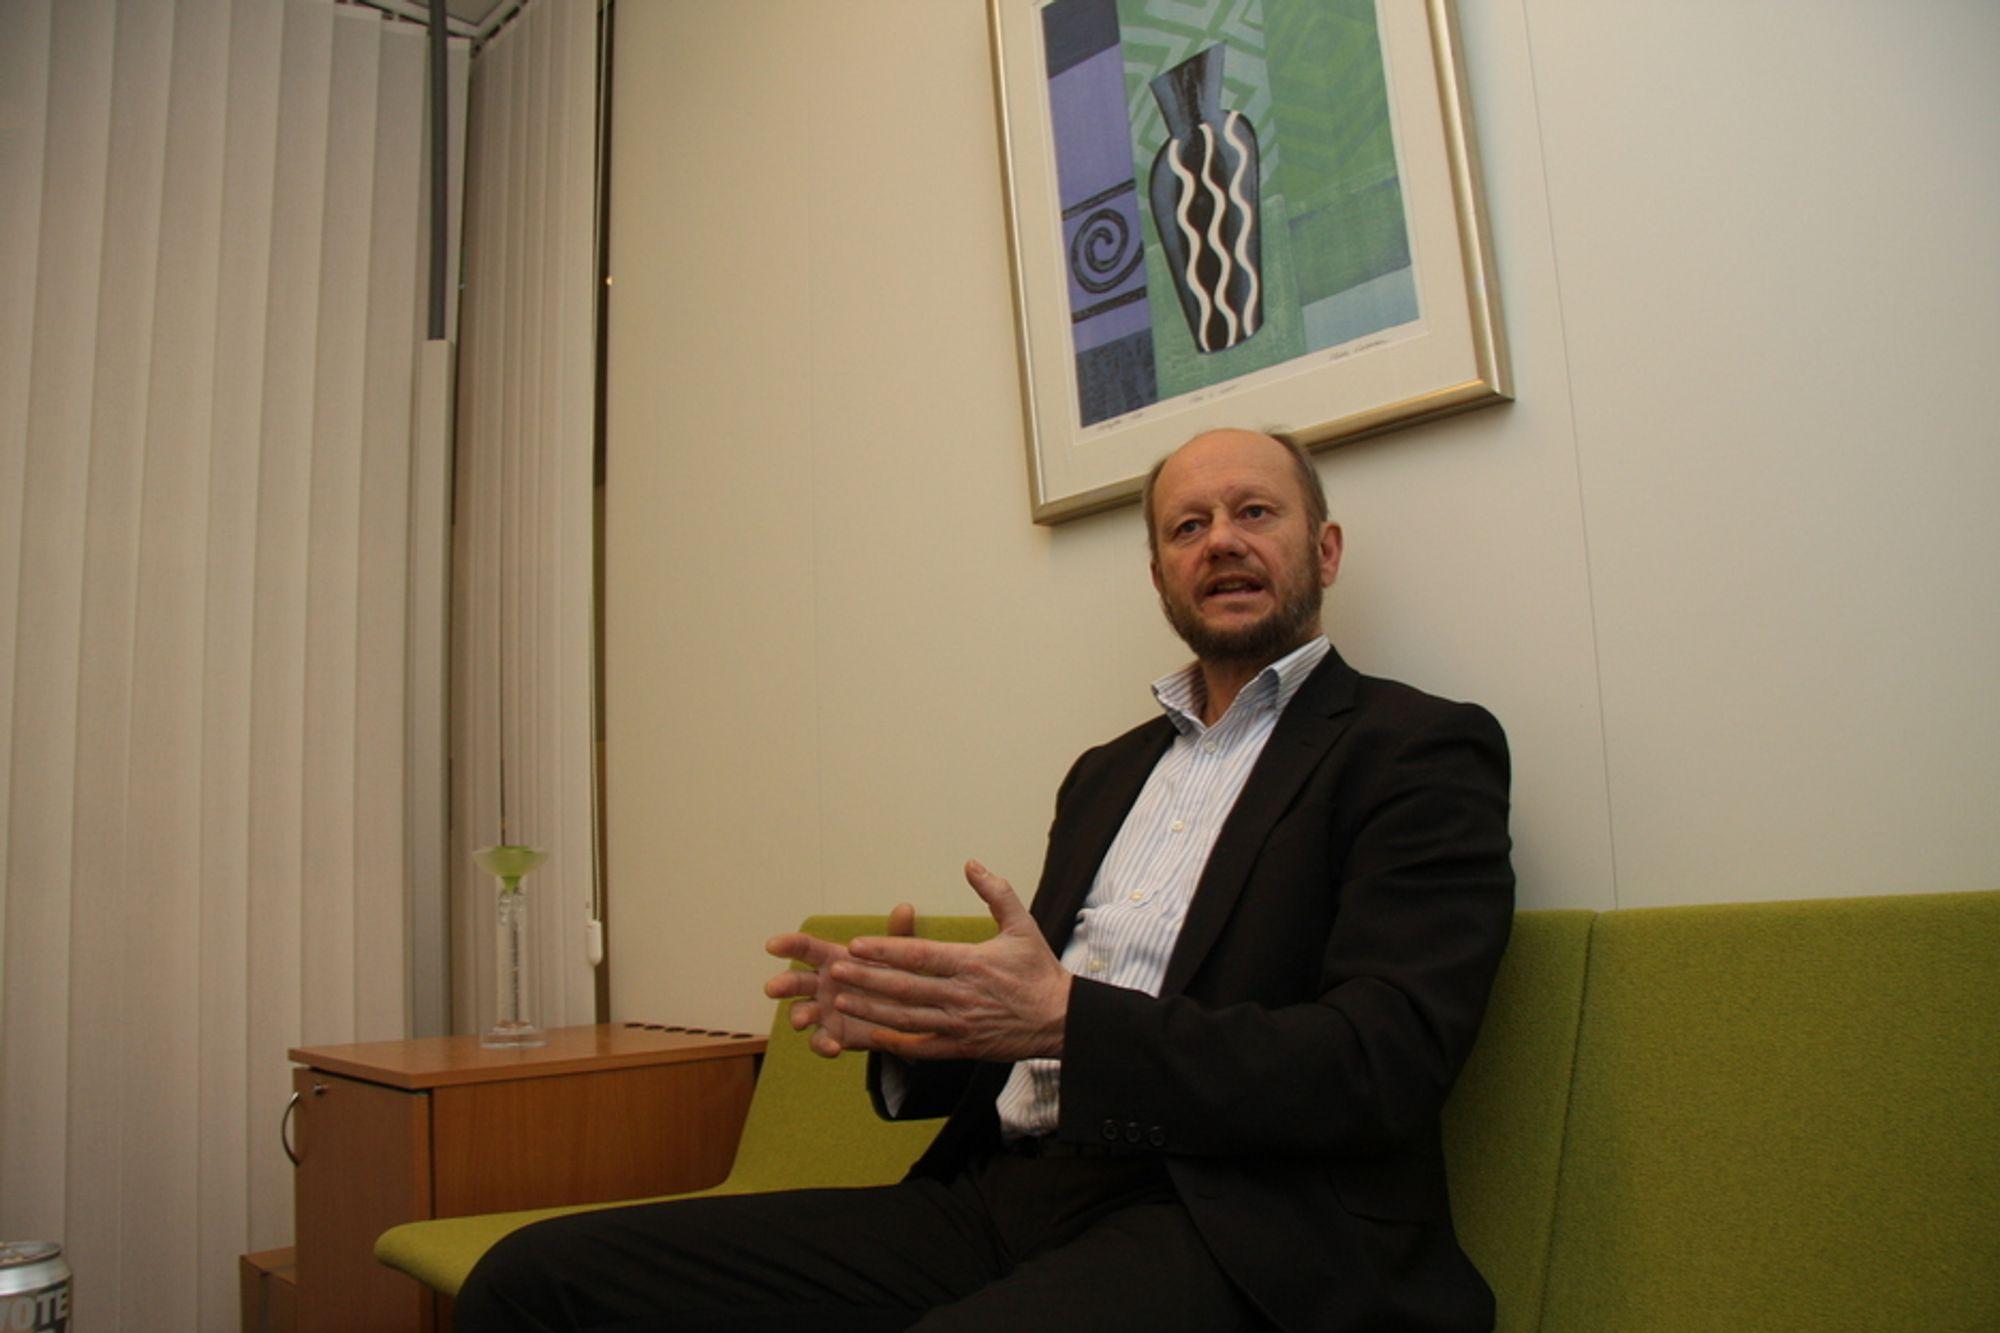 SÆRNORSKE AVGIFTER: ¿ Avgiftsvedtaket for 2011 kan tyde på at Regjeringen ønsker særnorske avgifter og bruk av doble virkemidler mot enkeltbedrifter. I så fall er dette en omlegging av klimapolitikken, og hvis dette er riktig må Norsk Industri revurdere holdningen til Regjeringens nye klimapolitikk, sier Stein Lier-Hansen.